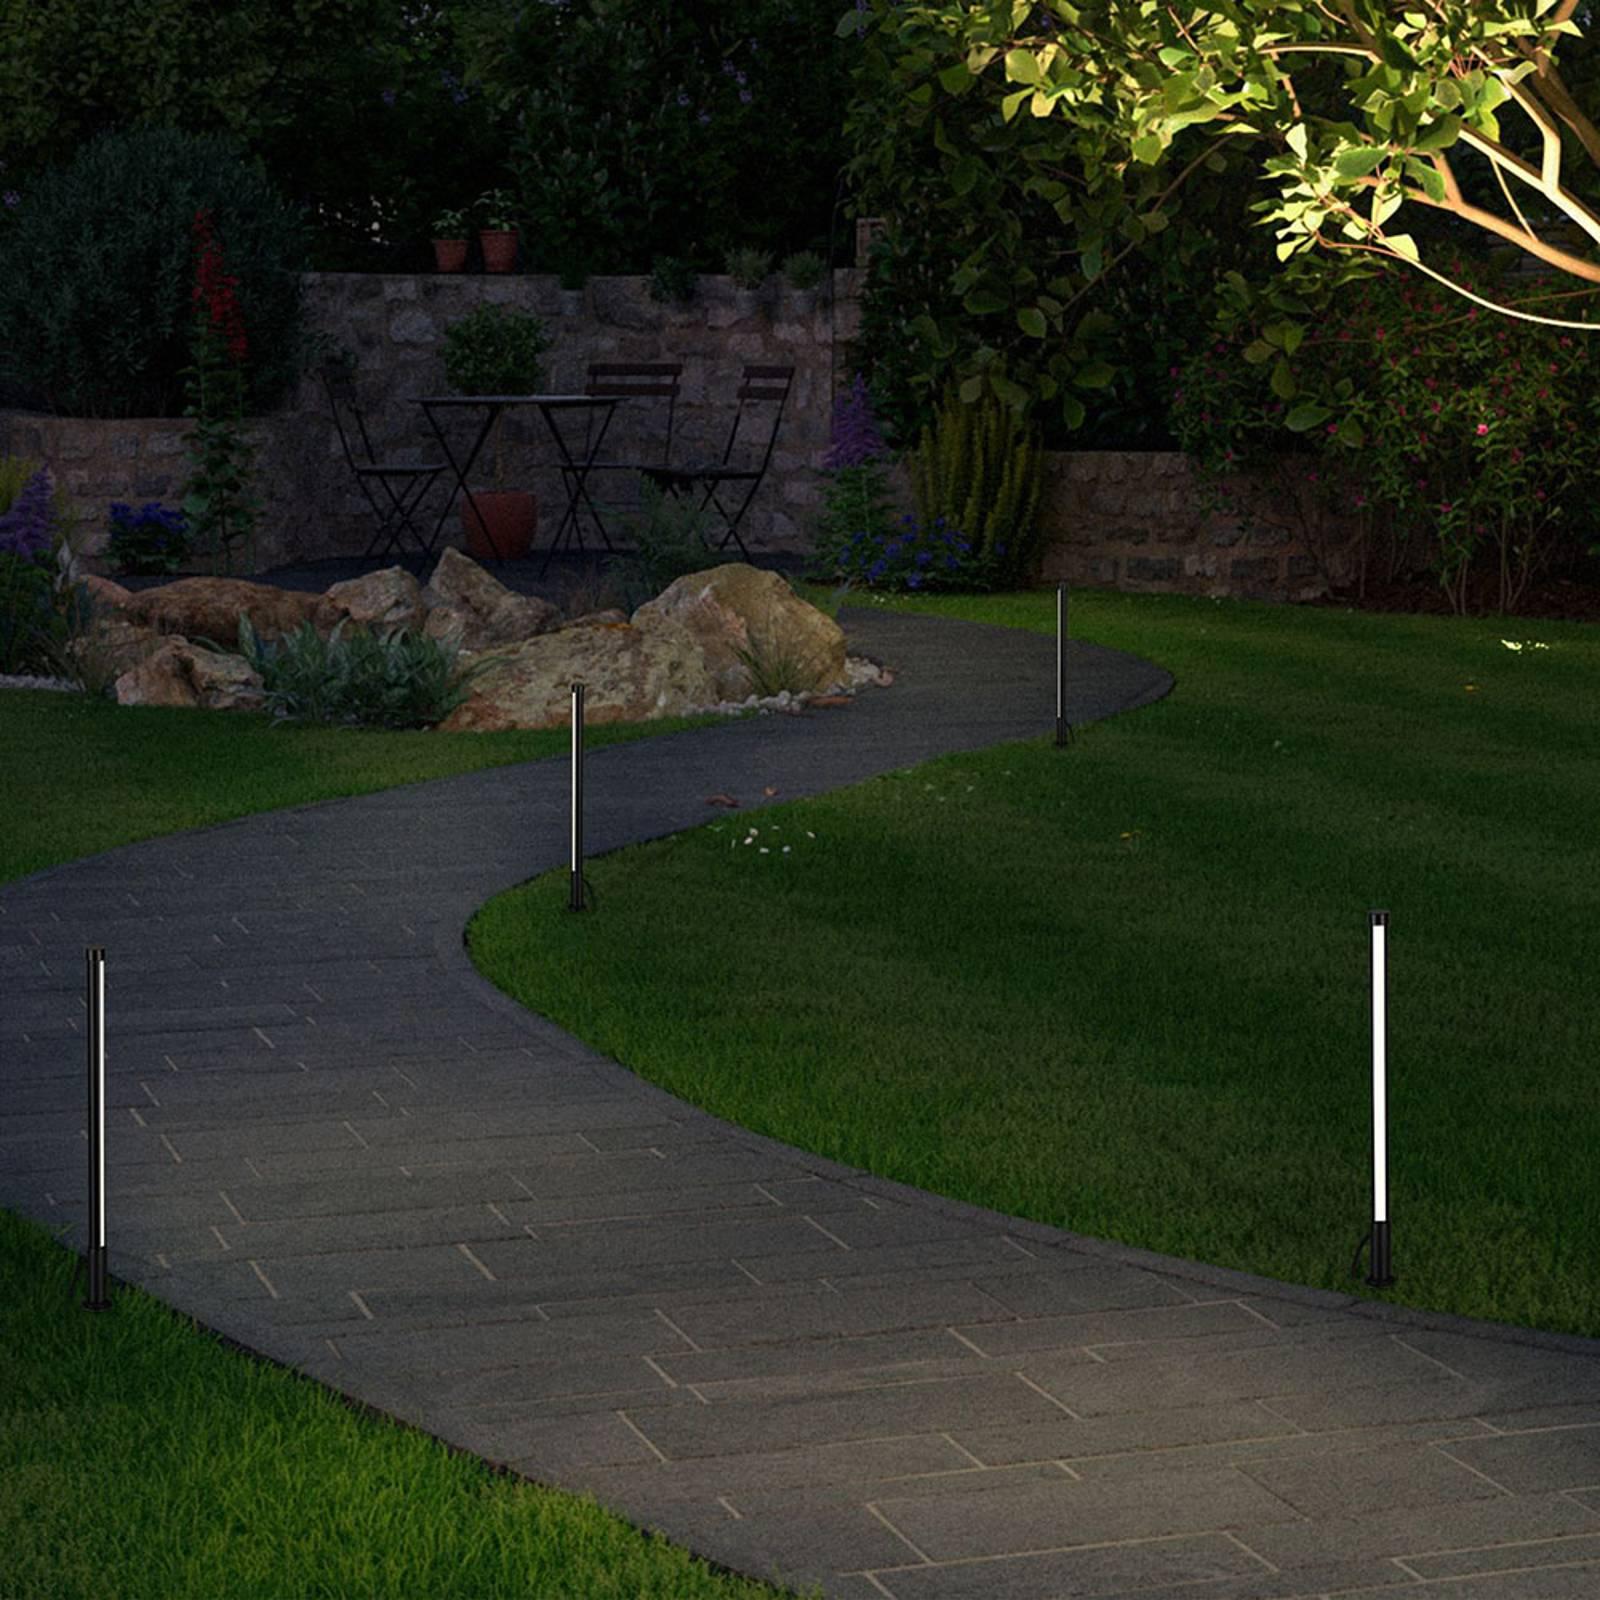 Paulmann Plug & Shine Lightstick-maapiikkivalaisin